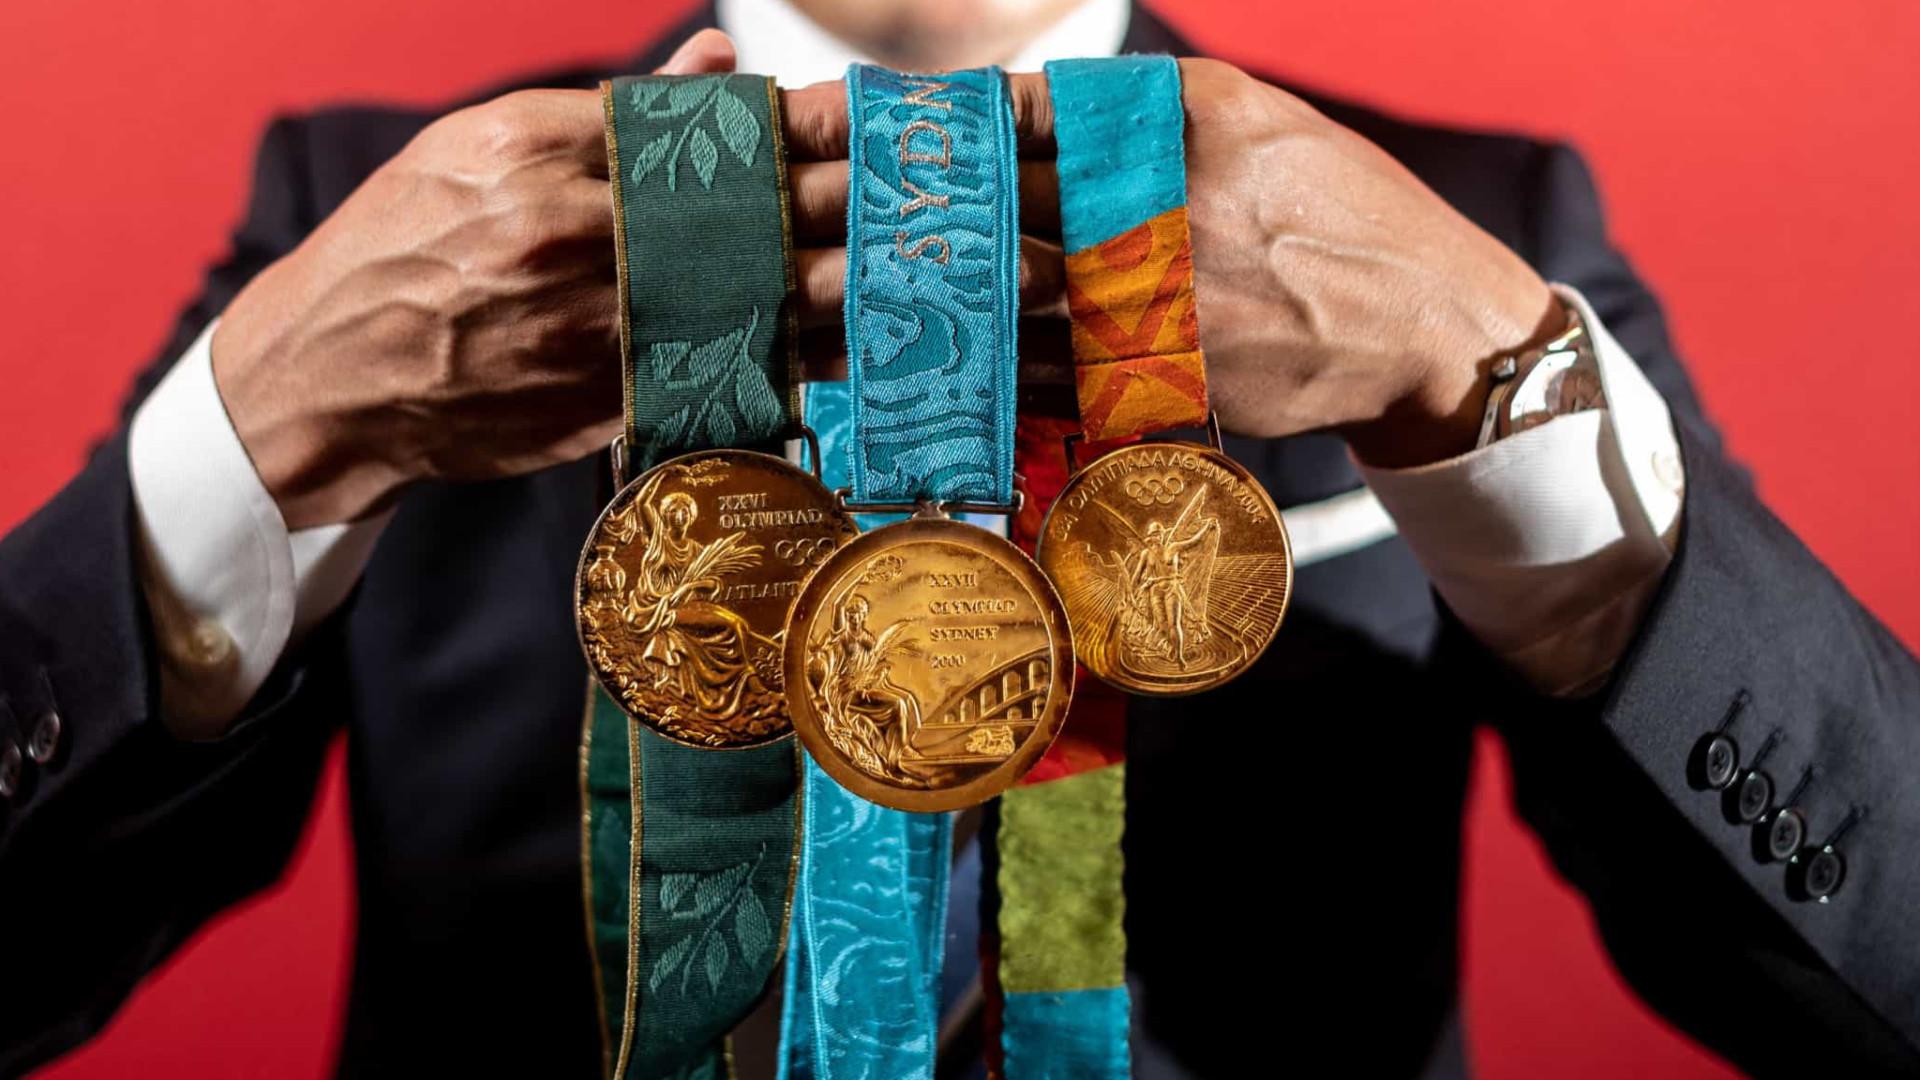 Olimpíadas de Tóquio entregam primeiras medalhas; Brasil está na disputa